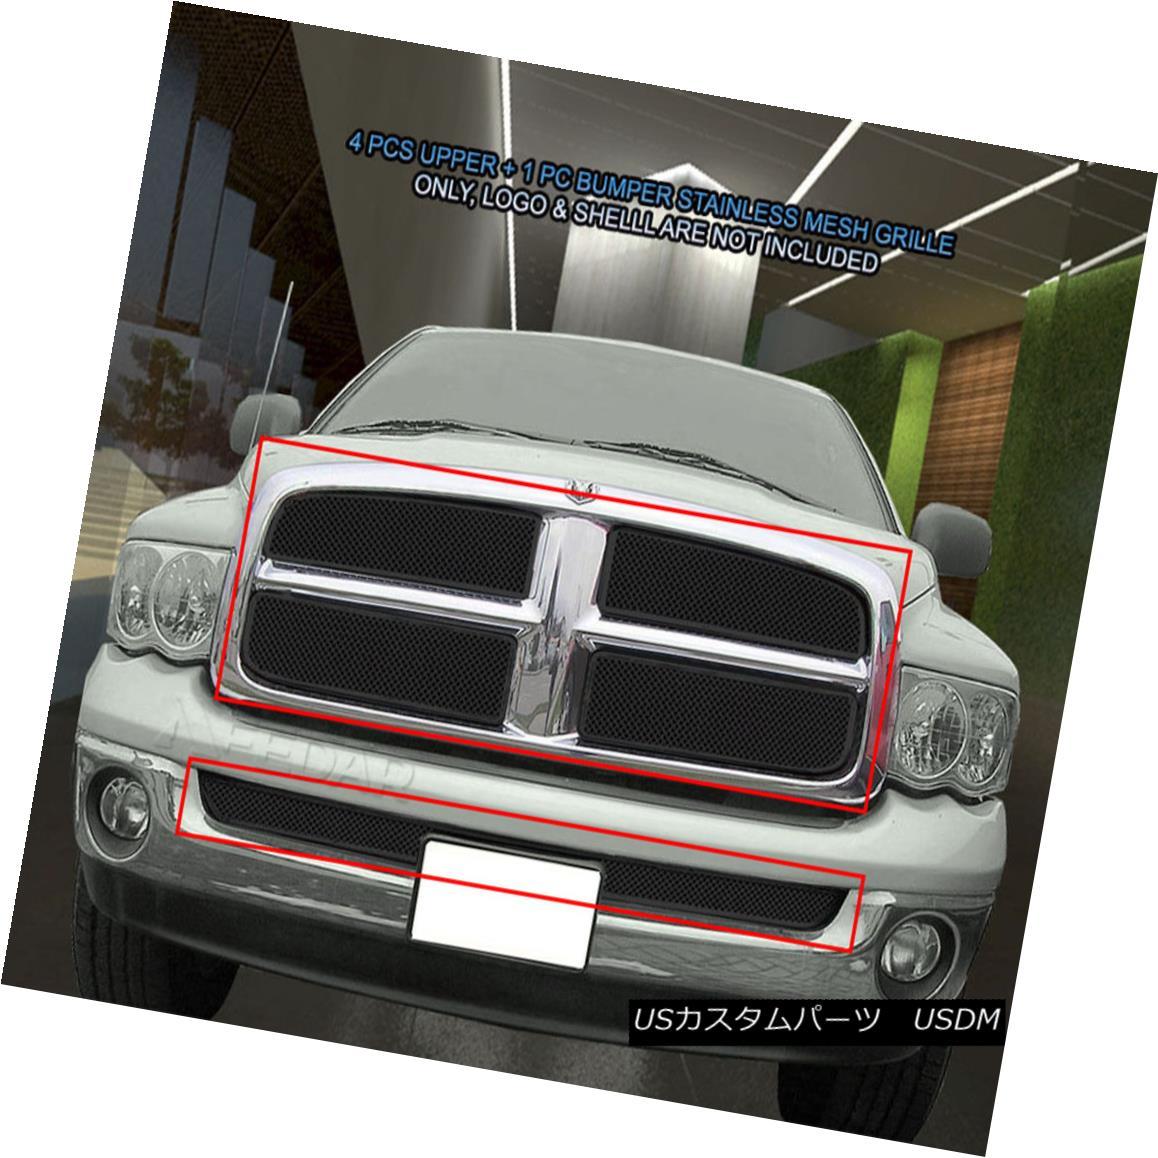 グリル For 02-05 Dodge Ram 1500 2500 3500 Black Stainless Mesh Grille Combo 5 Pcs Fedar 02-05 Dodge Ram 1500 2500 3500ブラックステンレスメッシュグリルコンボ5個入りFedar